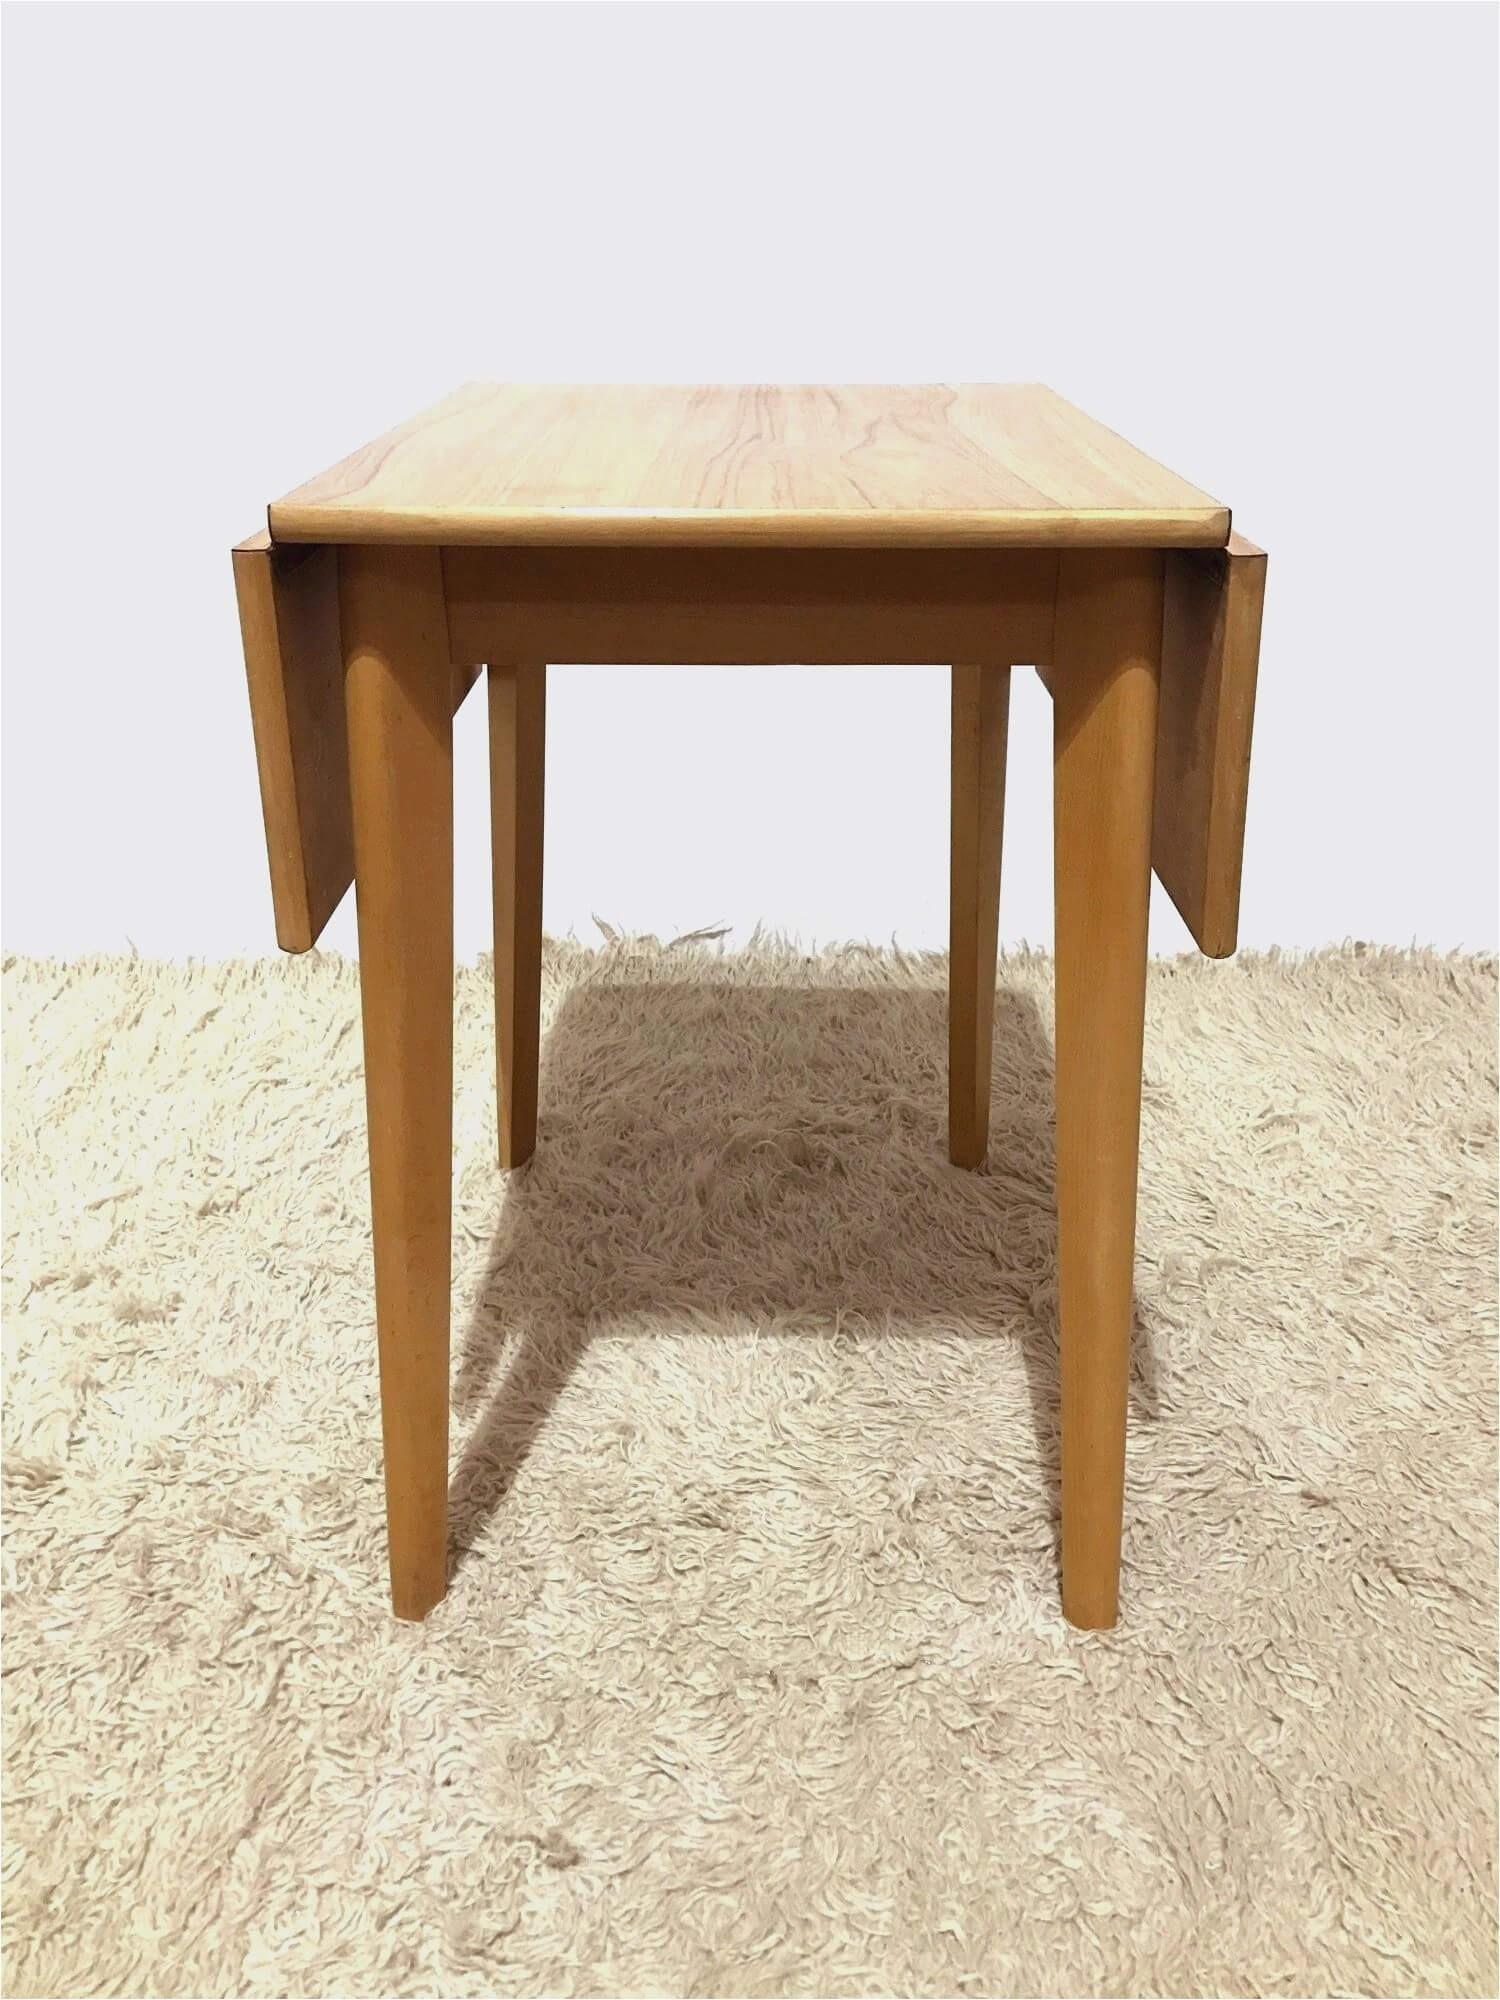 Ikea De Jardin Table Appiar Ronde Basse Io Tshrqd encequiconcerne Table Basse De Jardin Ikea